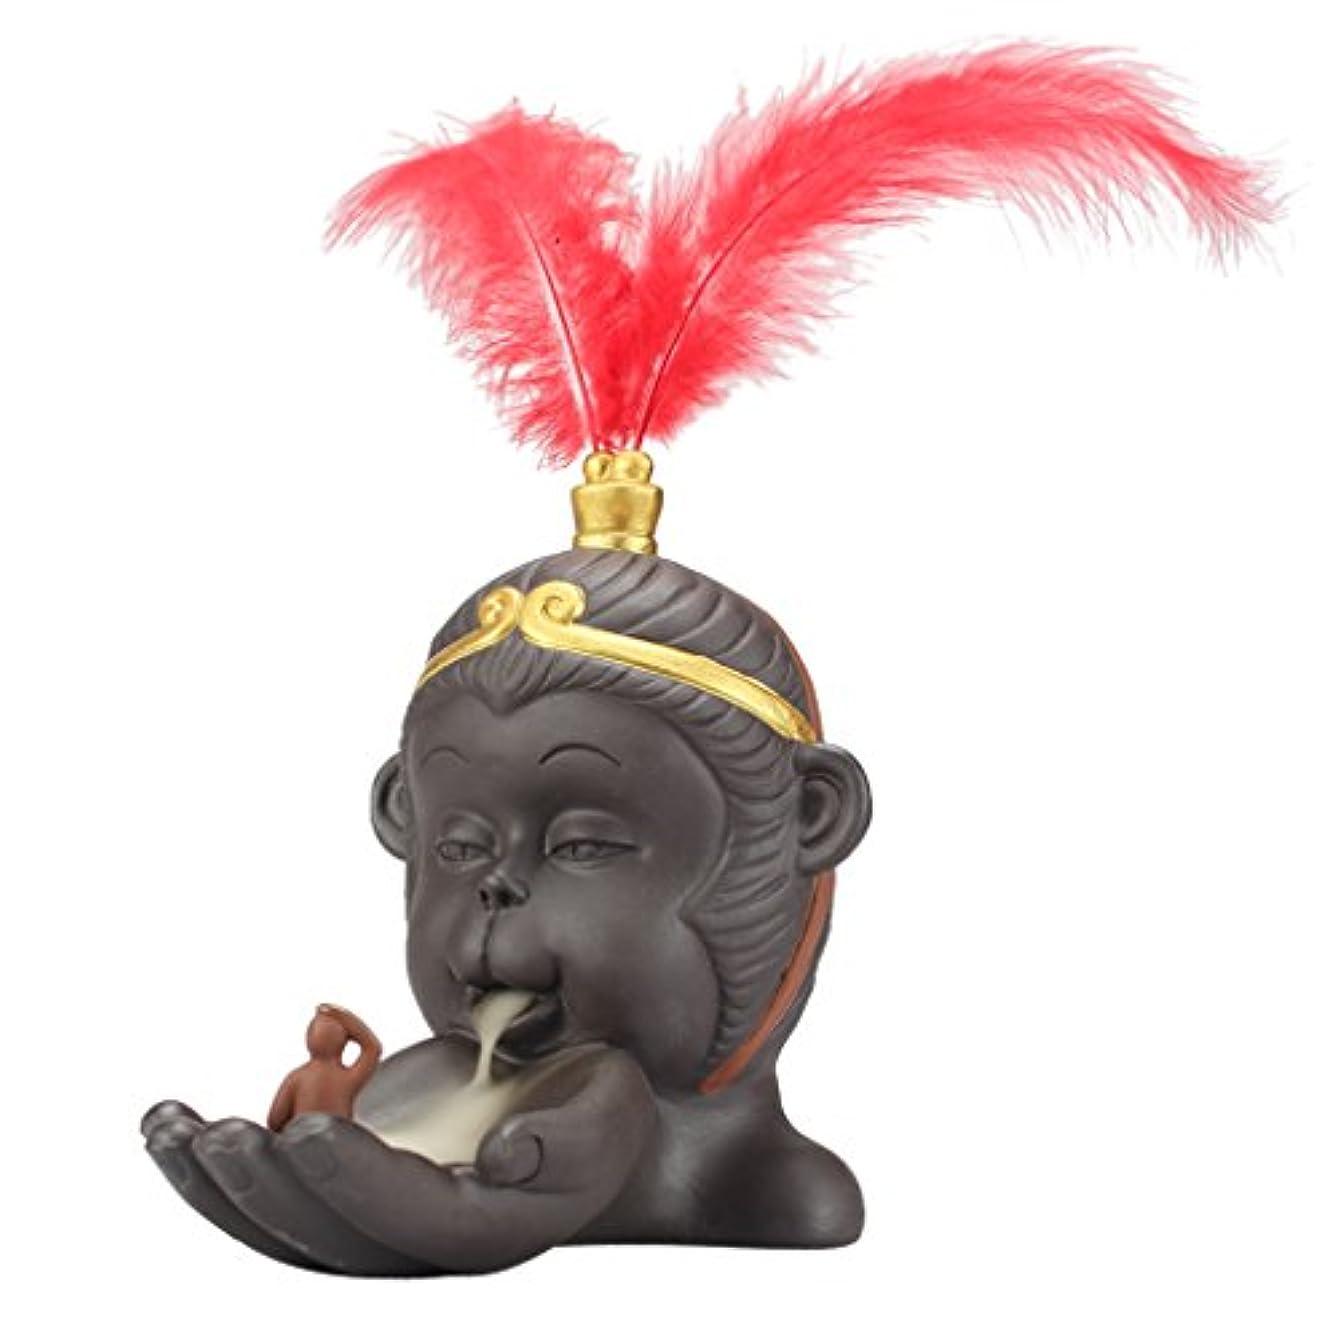 オペレーター聖人過ちPerfk 仏教 香炉 バーナーホルダー 小型 逆流コーン 香バーナー 持ち運び 容易 全2色 - 赤